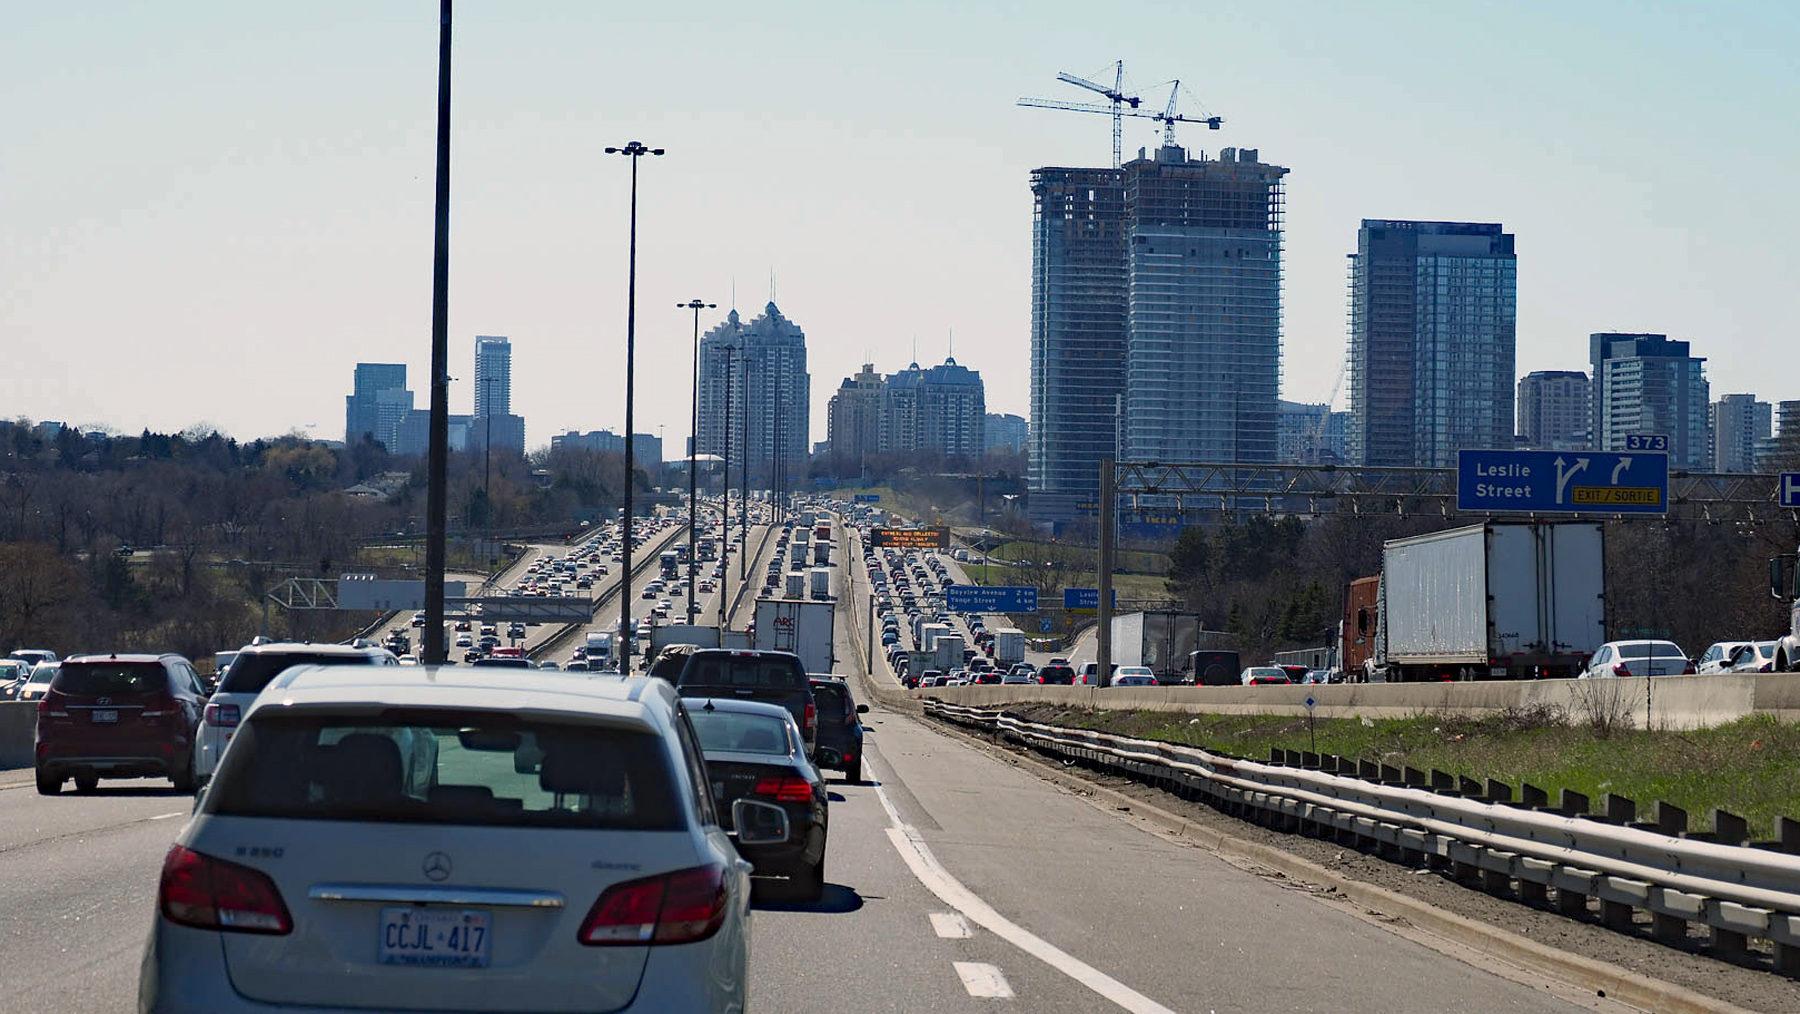 giganitsche Autobahnen in Toronto